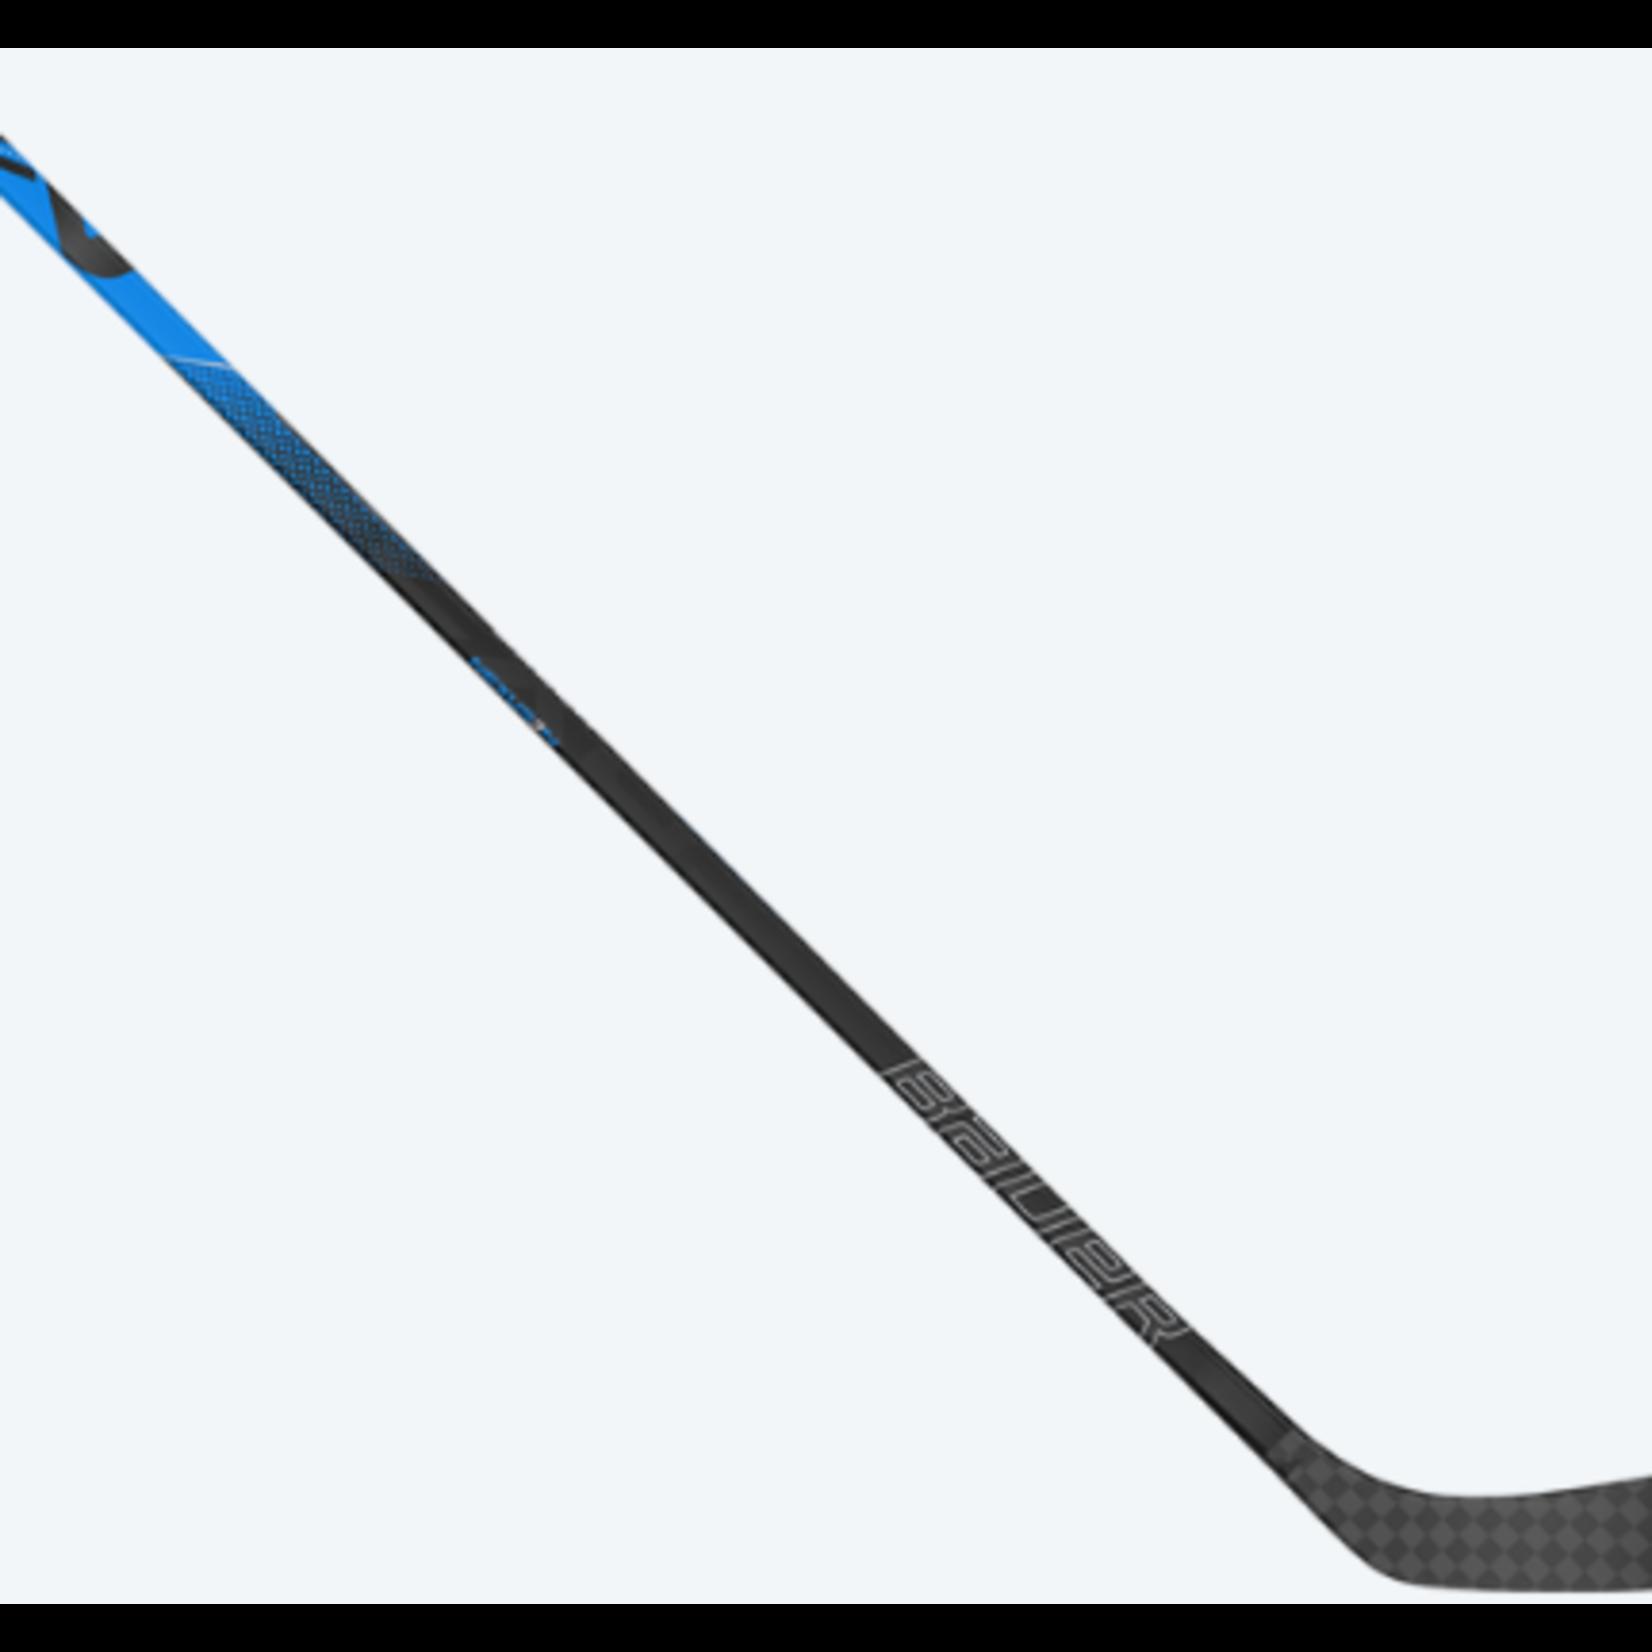 Bauer S21 Nexus 3N Grip Stick Sr - 77